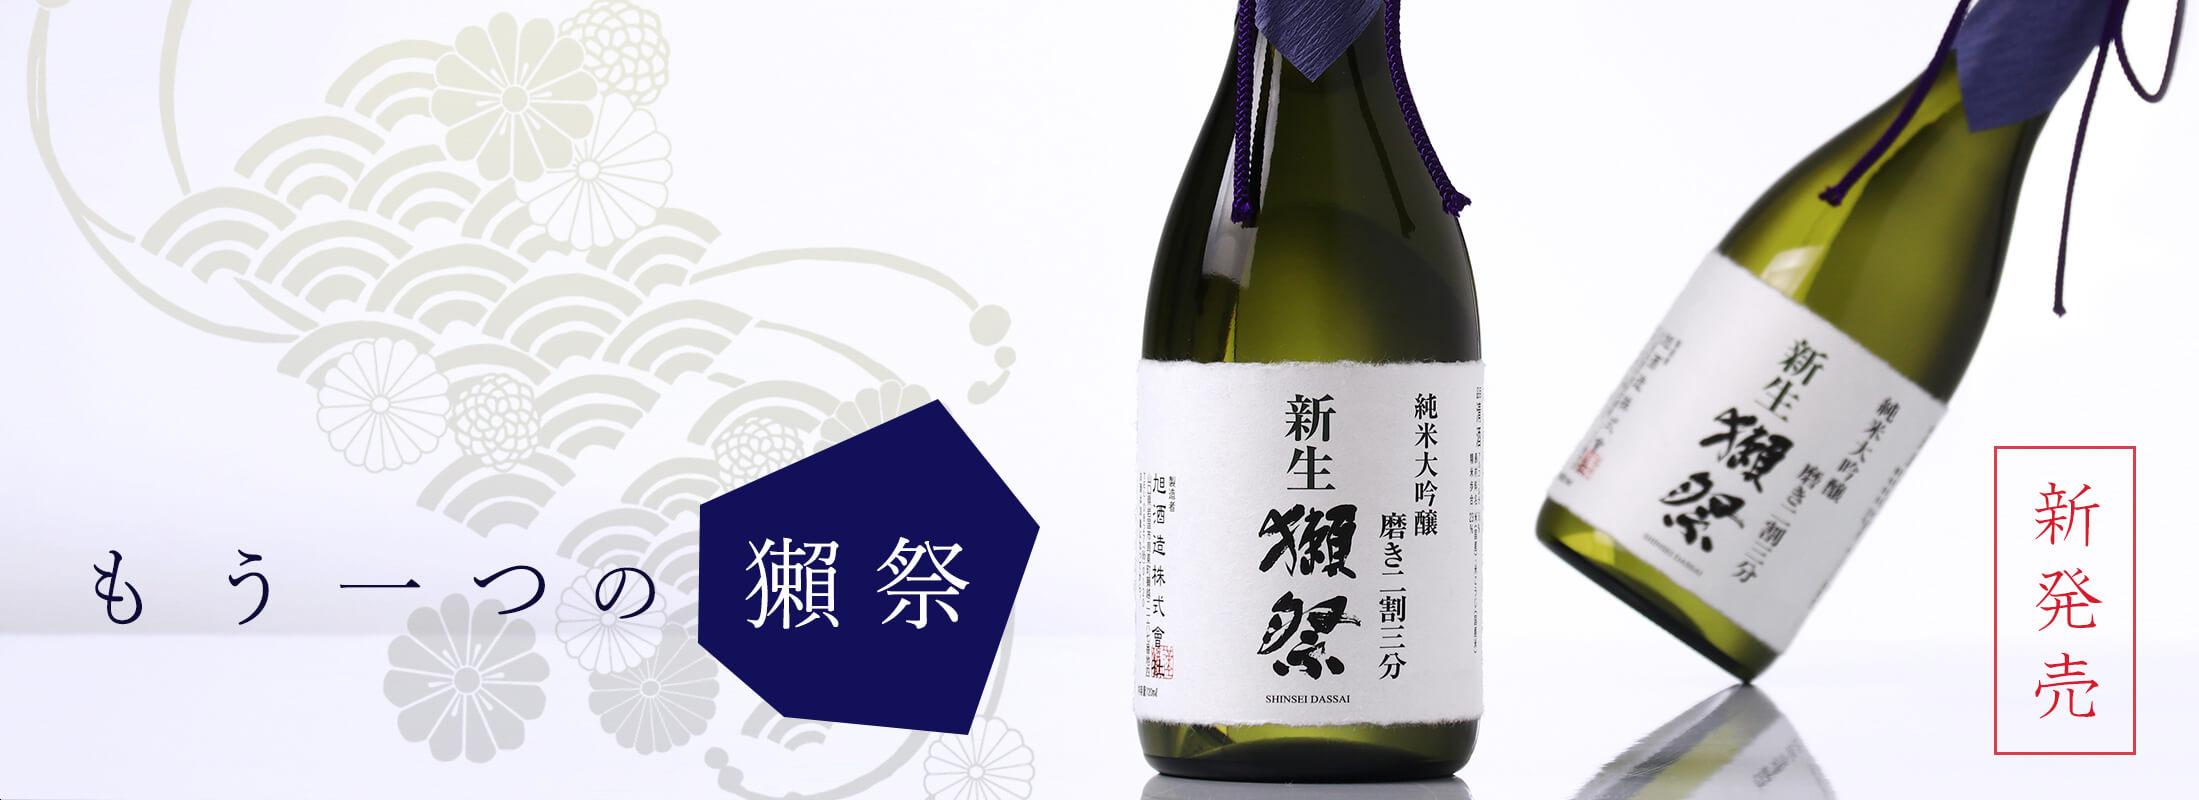 新生 獺祭 純米大吟醸 磨き二割三分